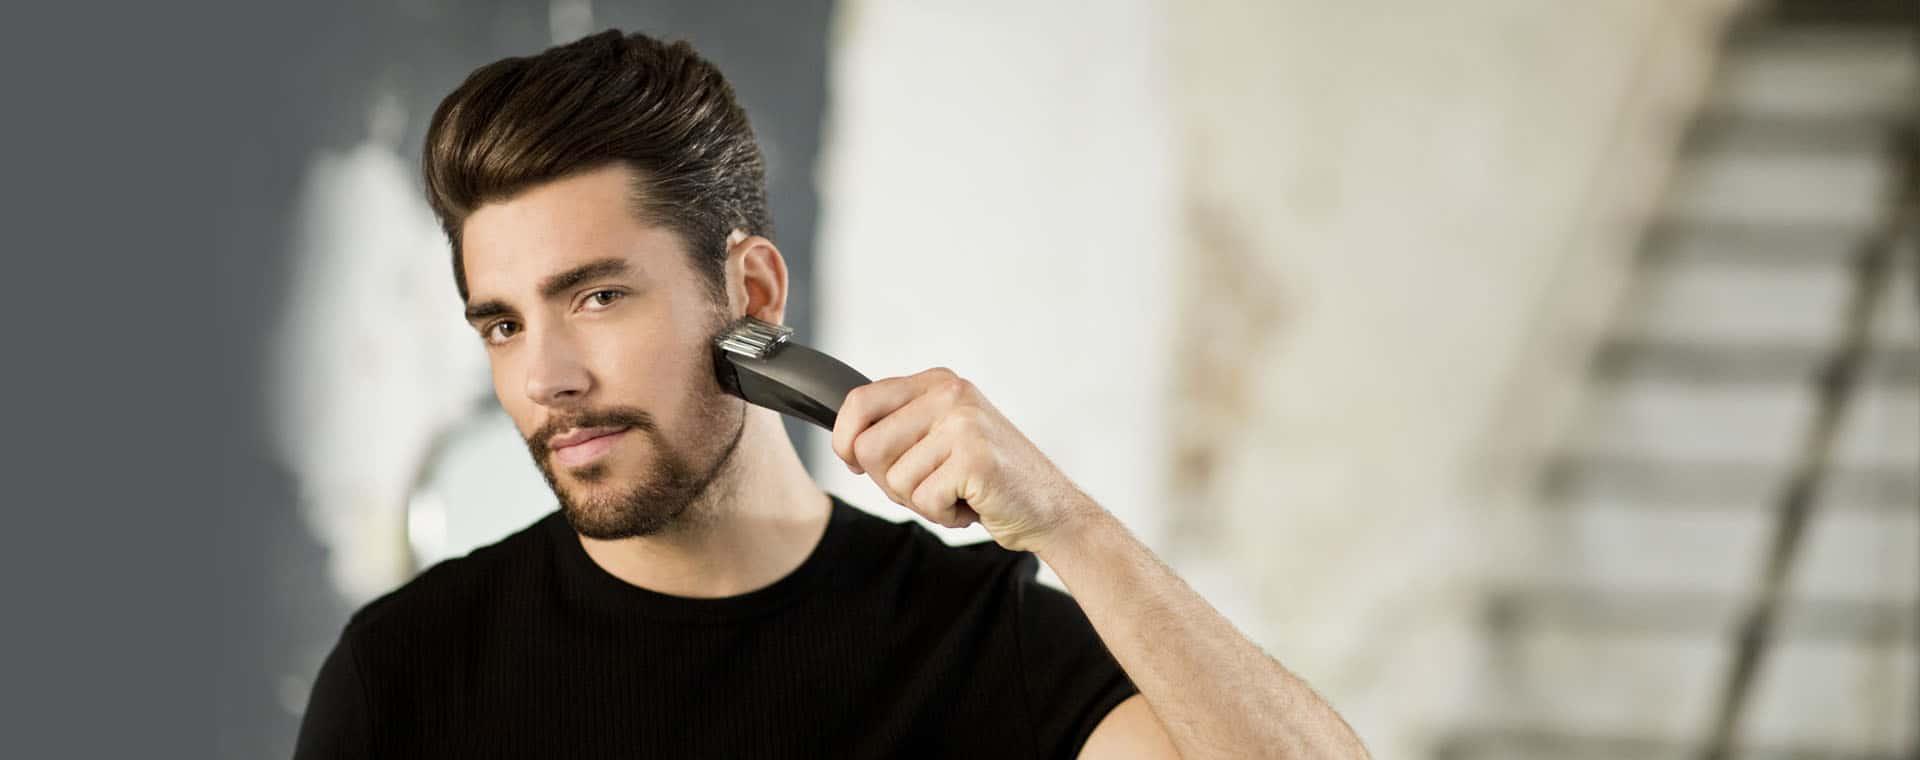 chico usando una recortadora de barba